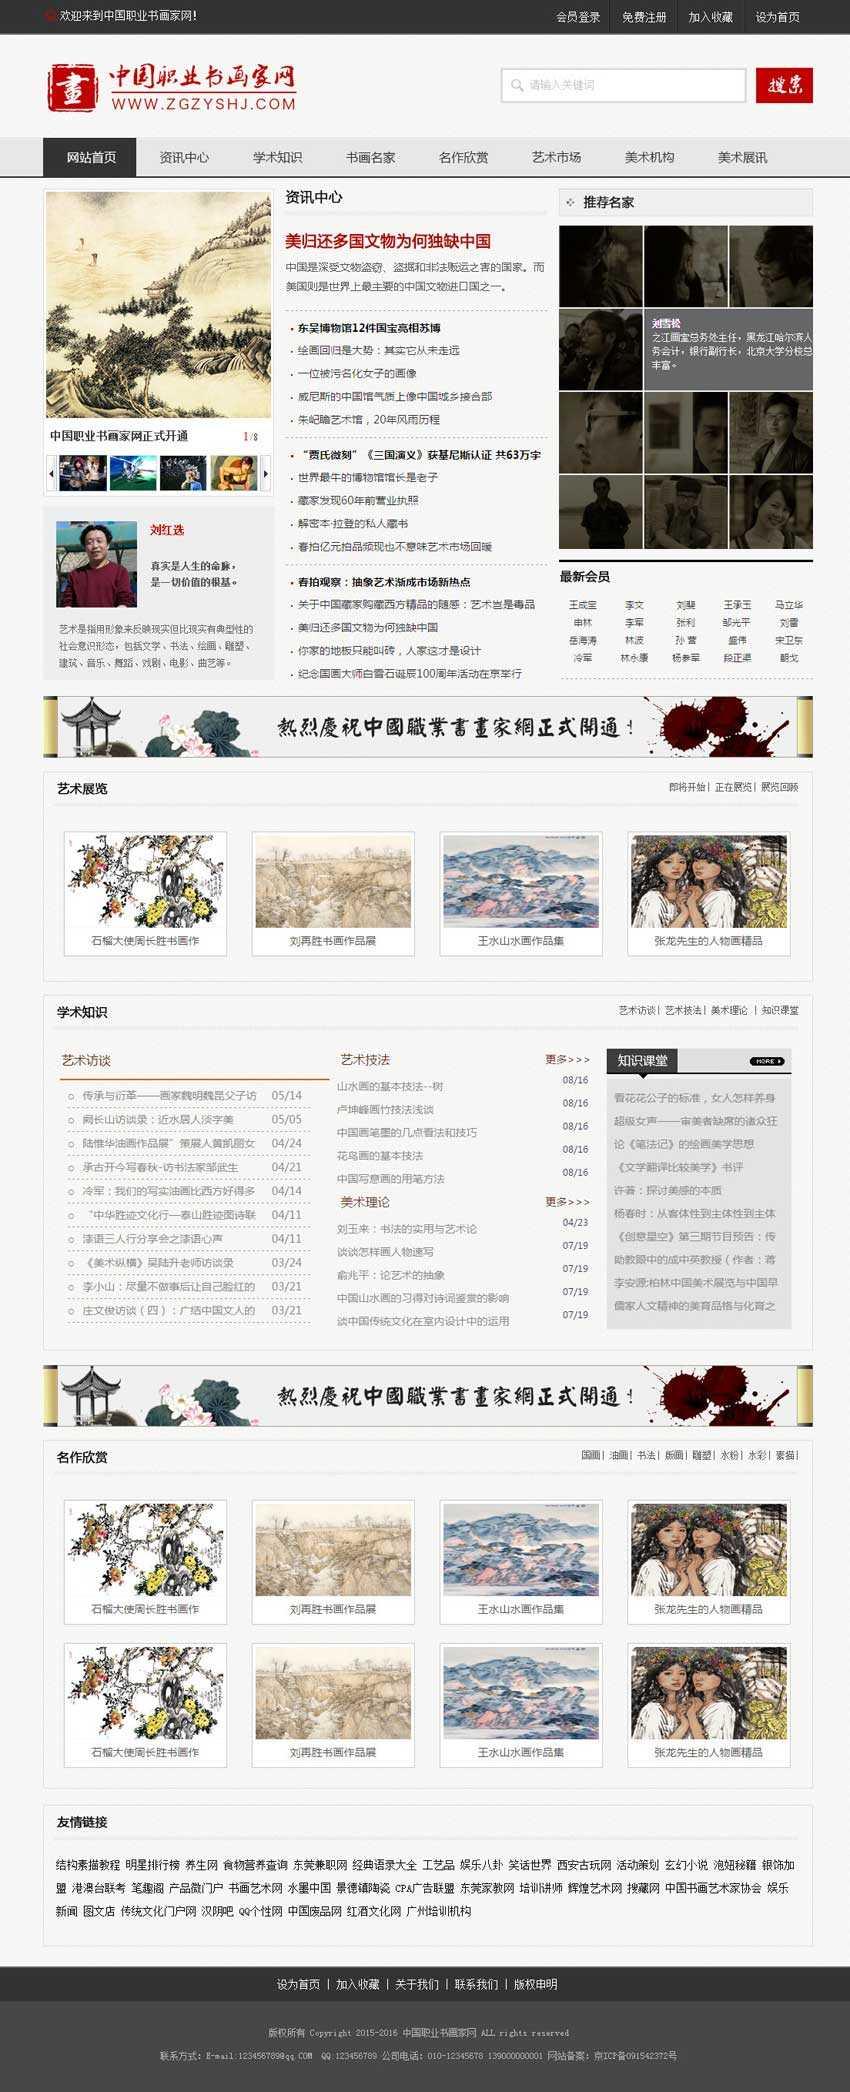 中国风的书画新闻资讯网站html网页模板